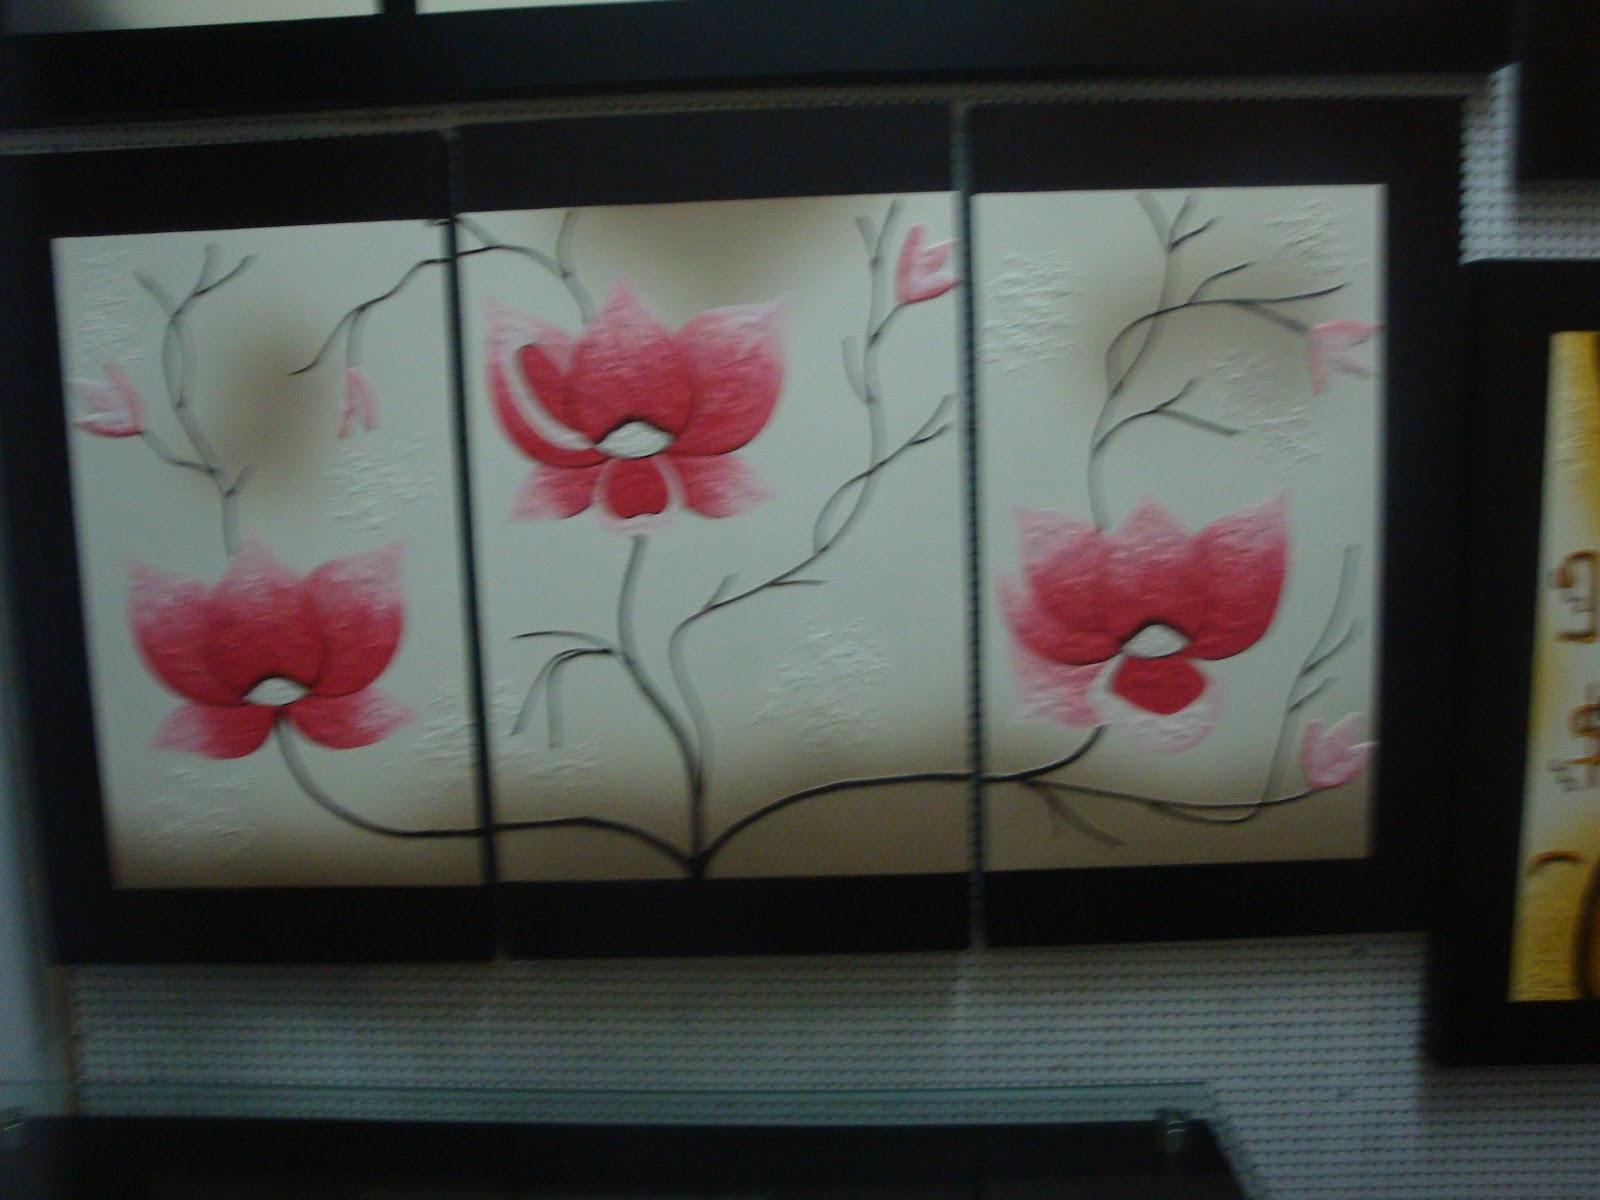 Vicki art cuadros hechos a mano - Cuadros originales hechos a mano ...